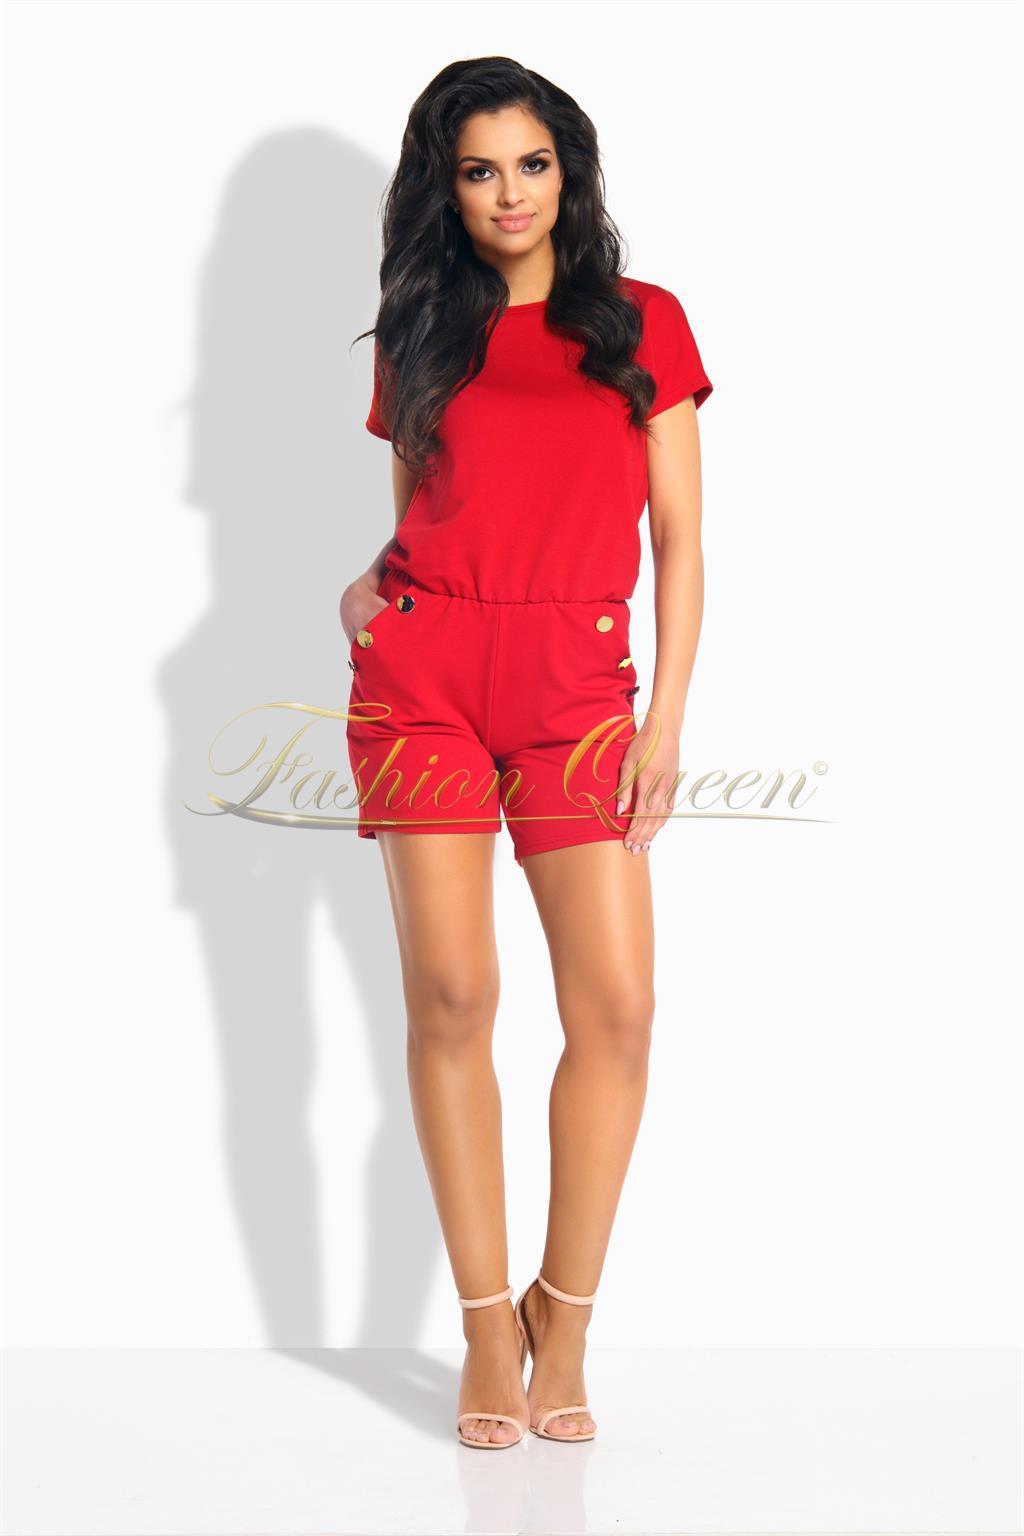 Fashion Queen - Dámske oblečenie a móda - Krátky overal 0629daed1d6